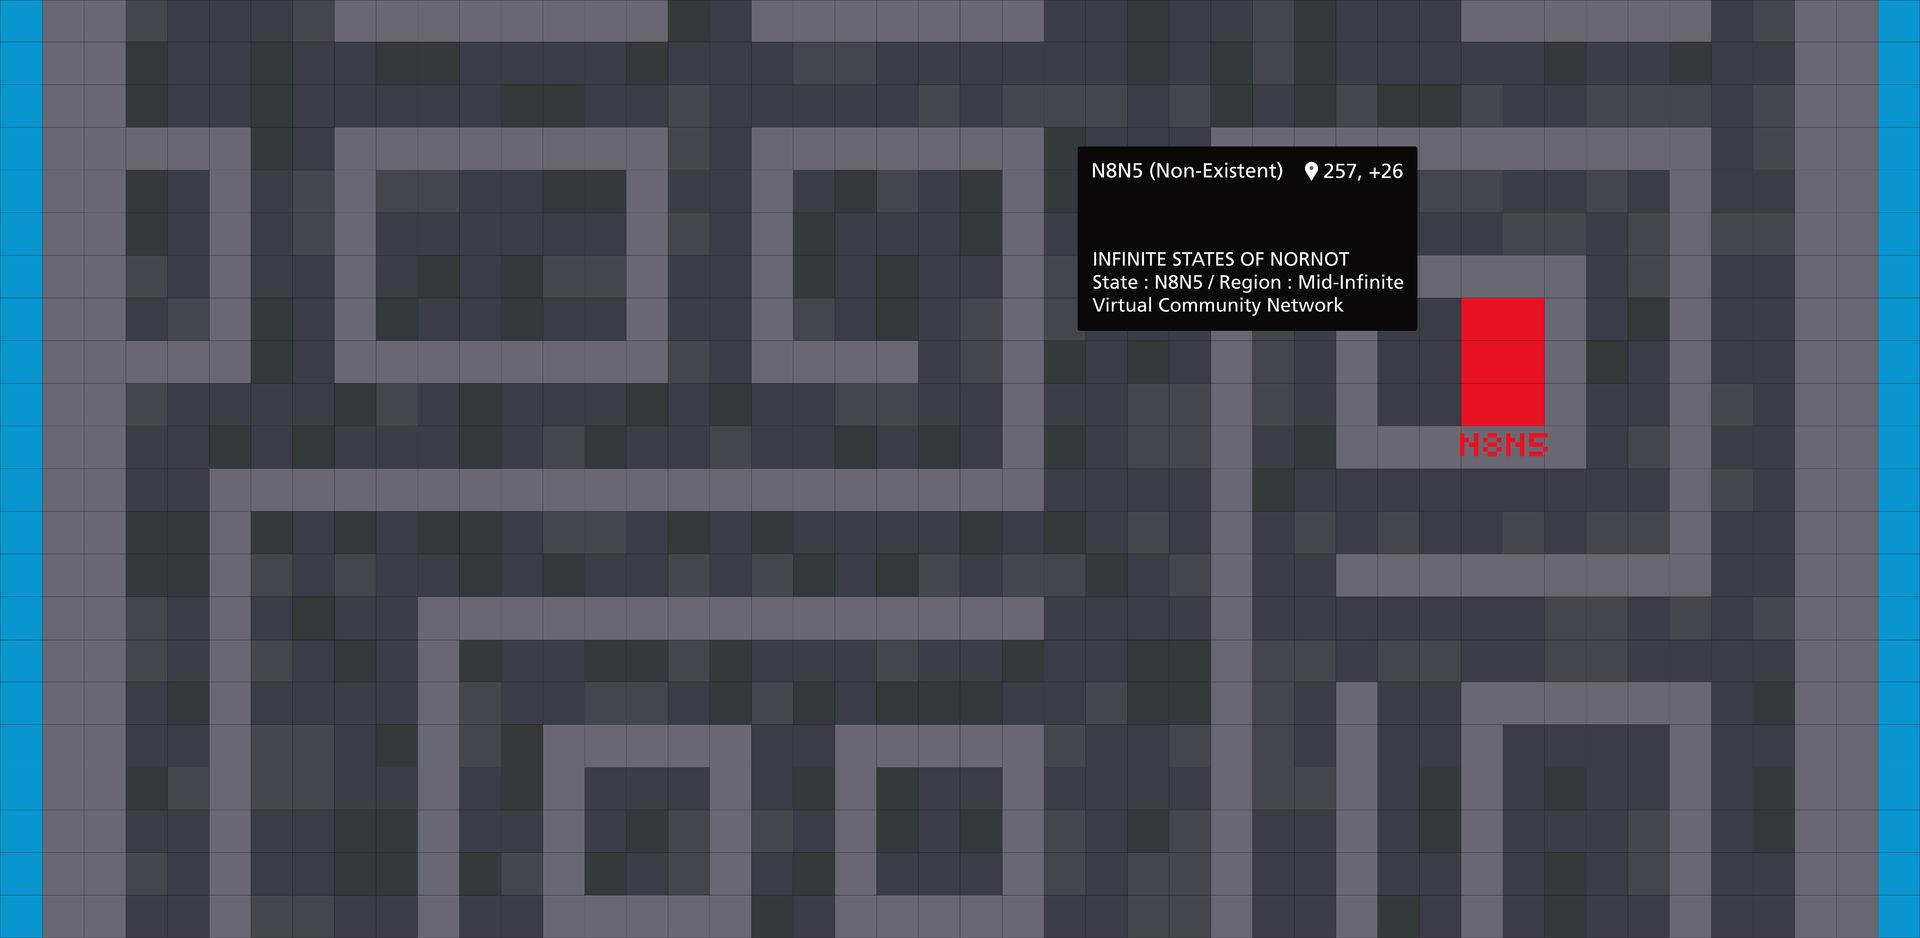 *본 이미지는 노르낫의 2021 SS 컬렉션 컨셉아트를 위한 가상의 이미지로, 사실과 무관함을 알려드립니다.